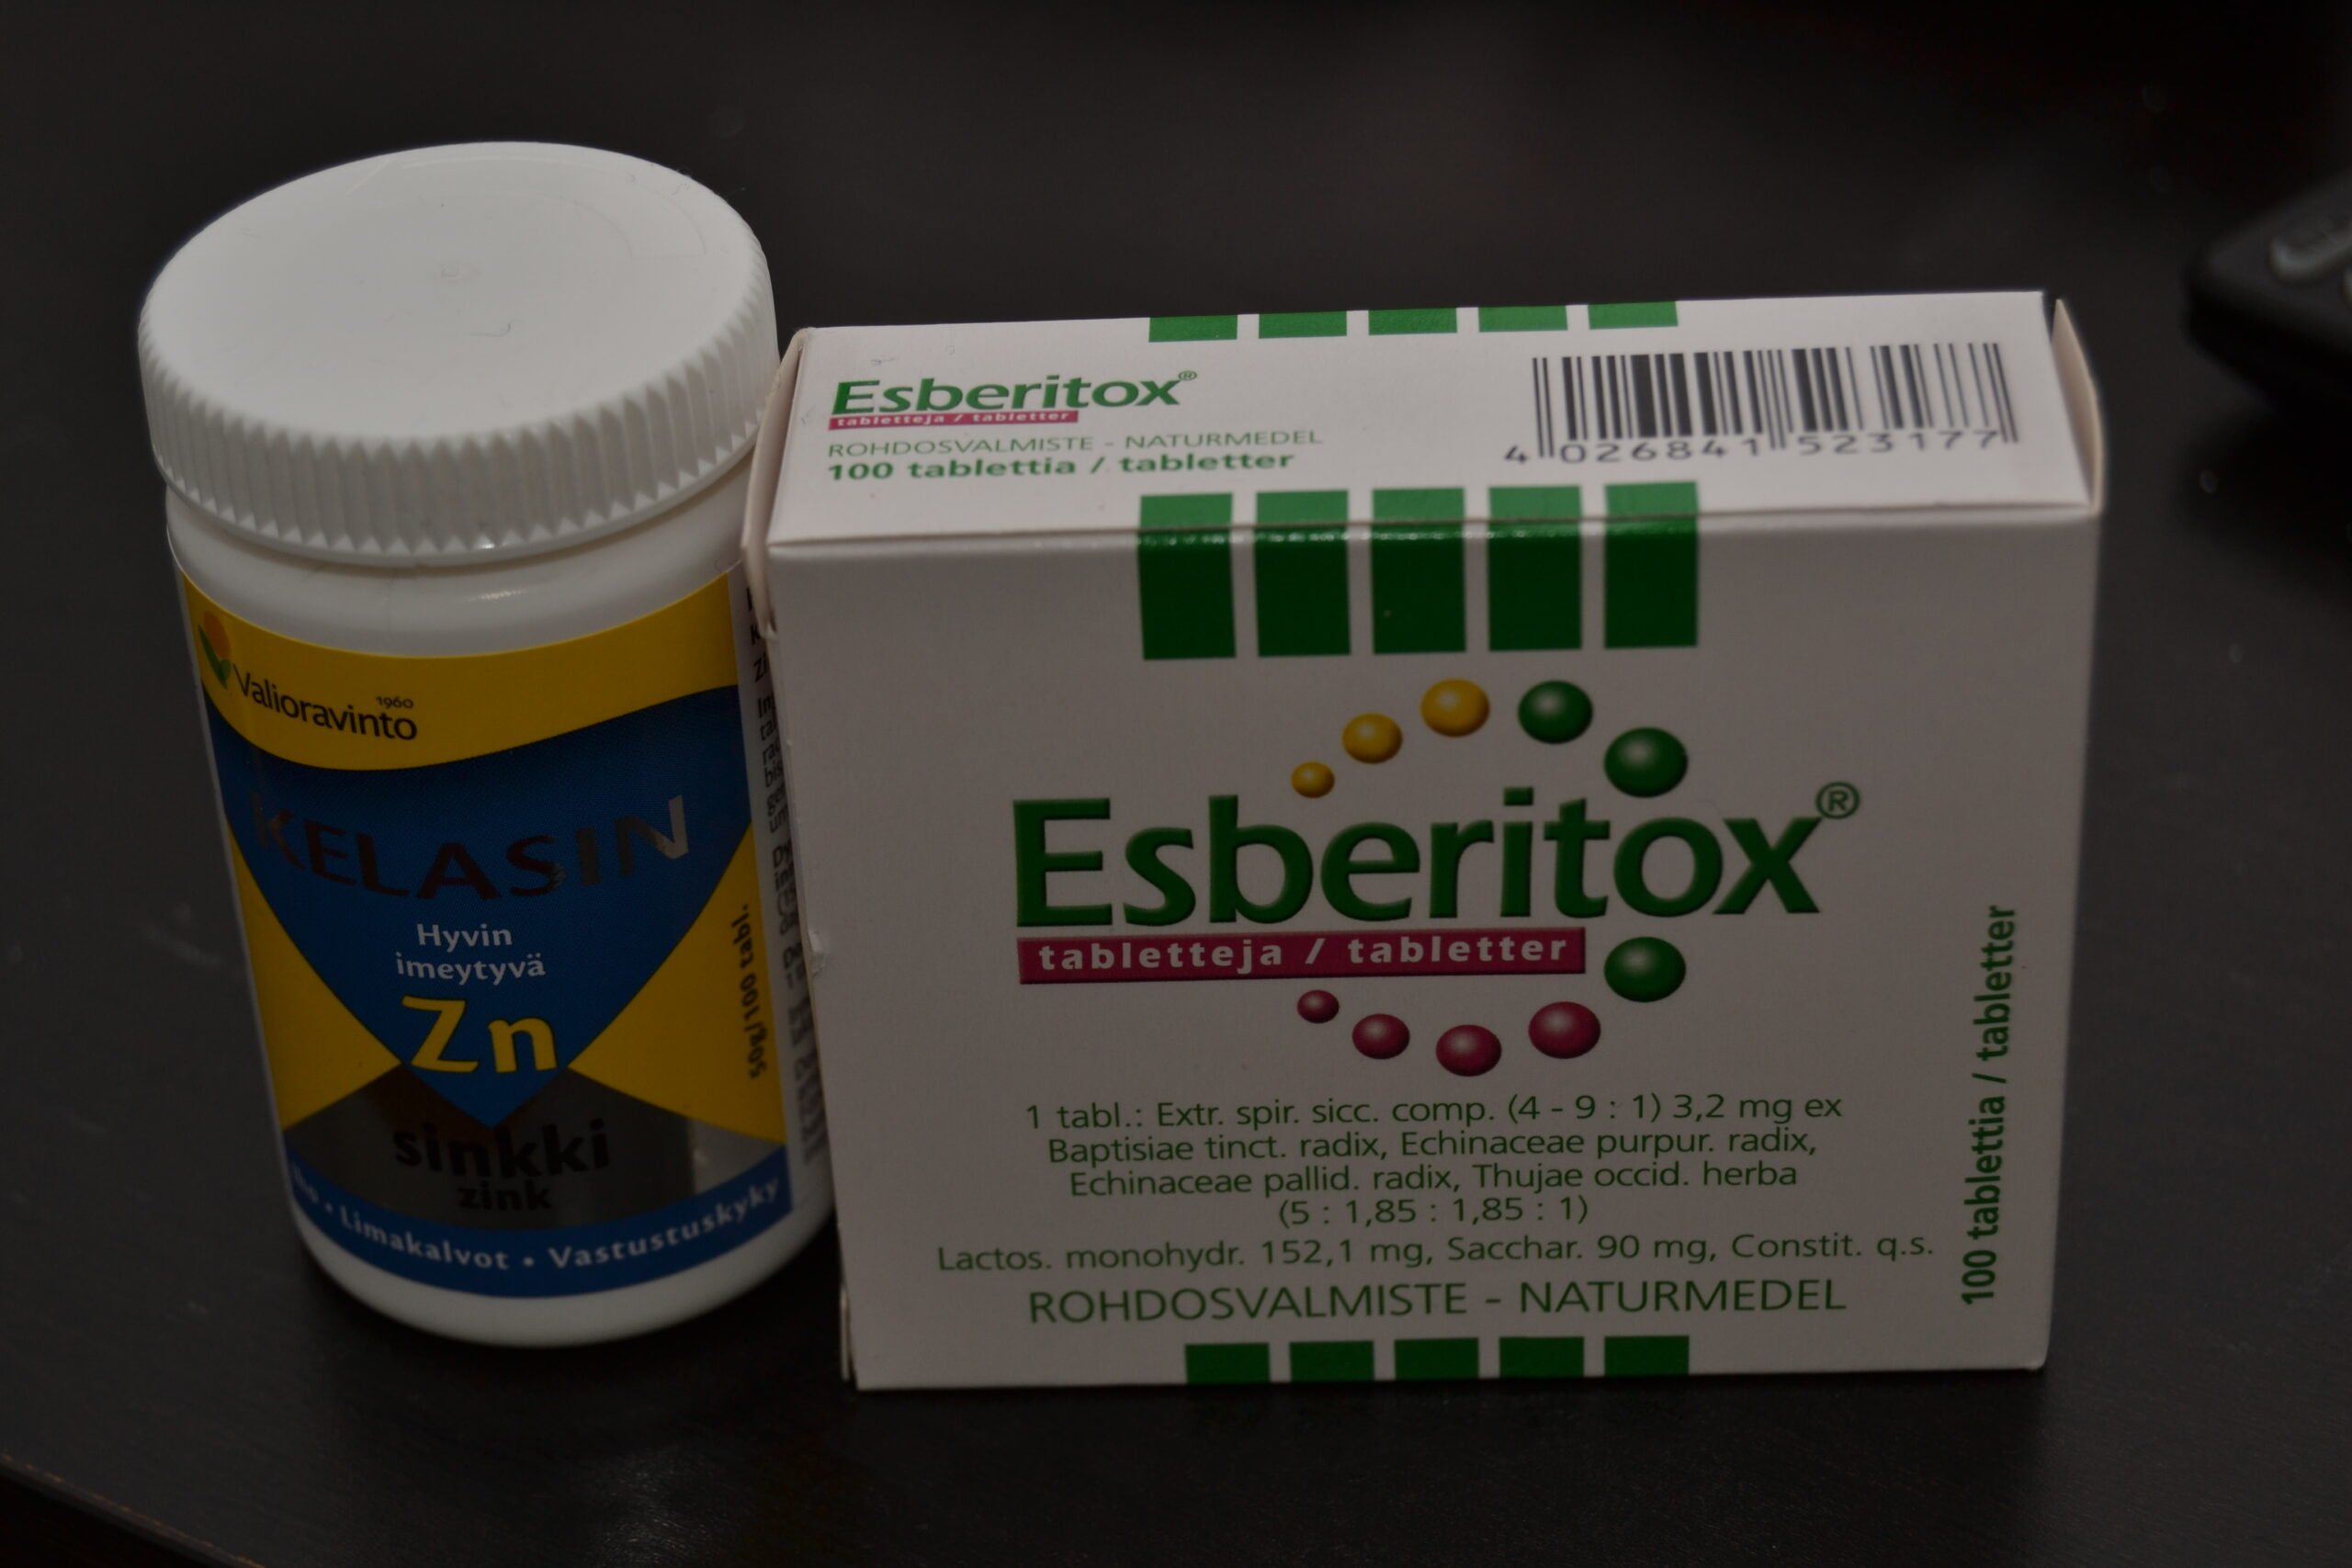 Läkemedel som höjer immunförsvaret: zink och esberitox